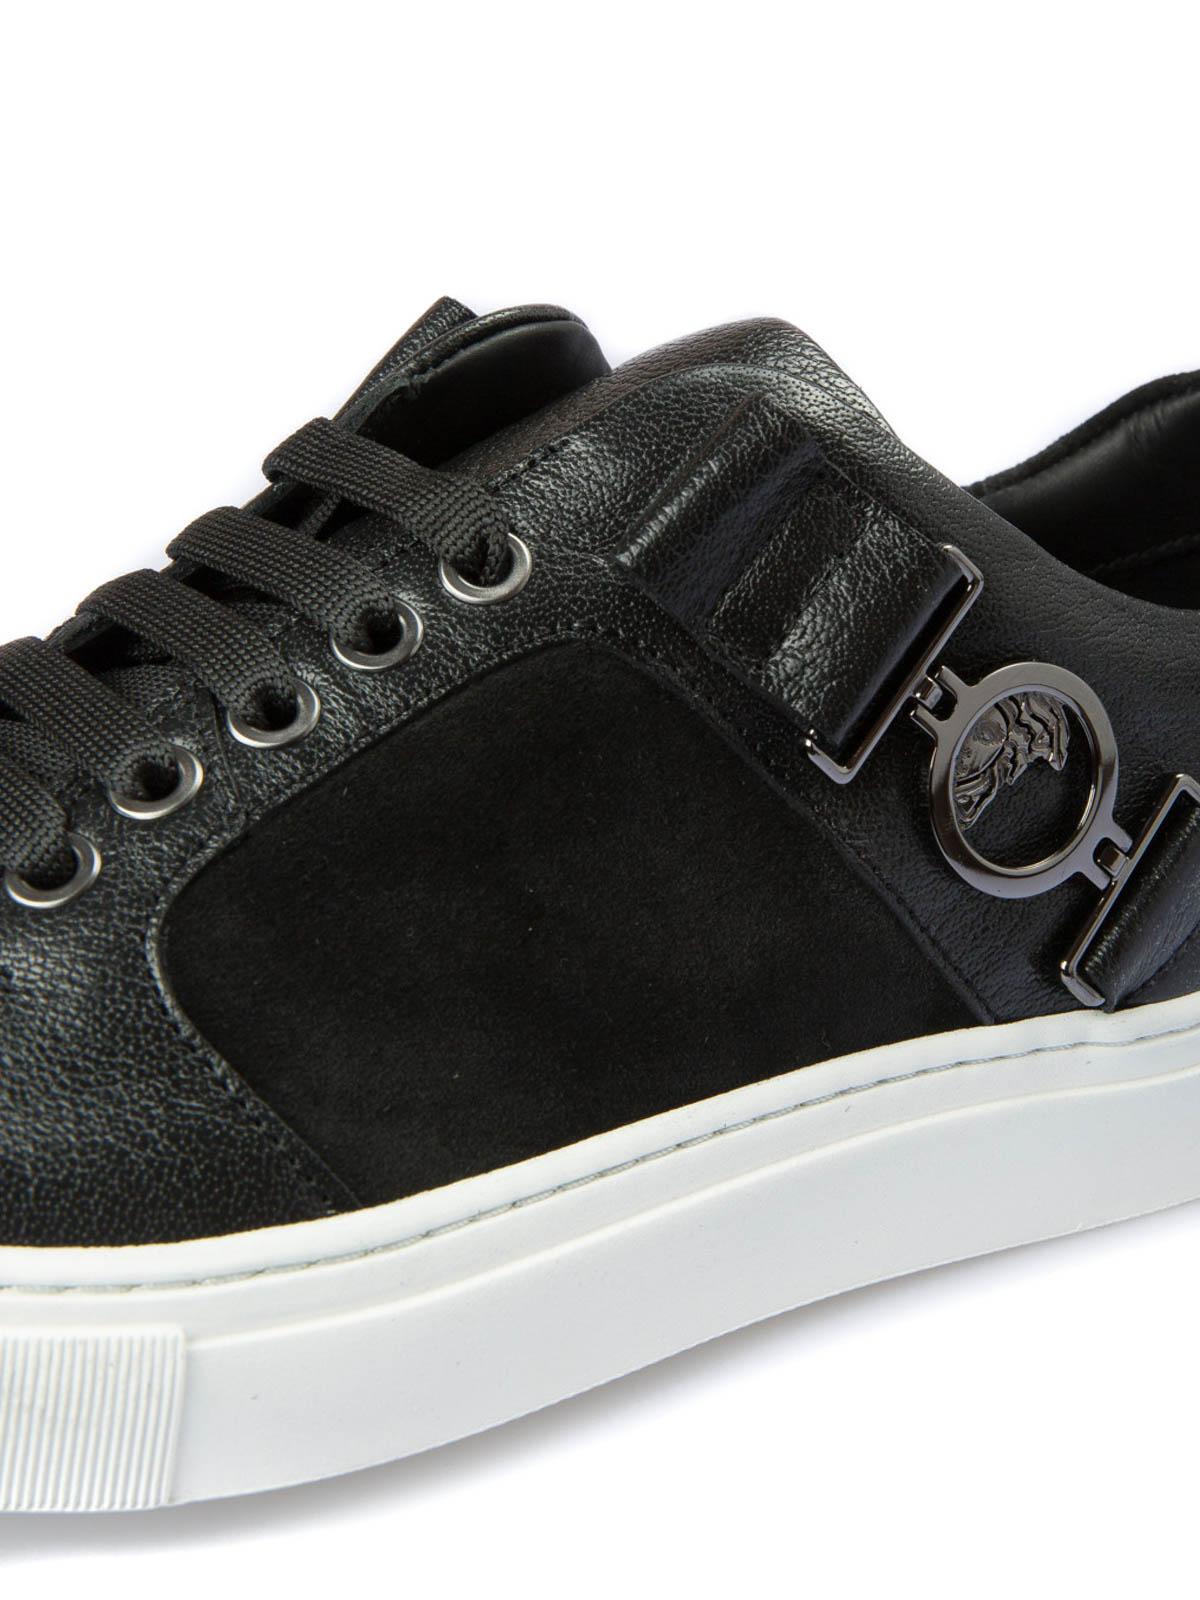 iKRIX VERSACE COLLECTION  Chaussures de sport - Baskets Noir Pour Homme 6def9eece7d